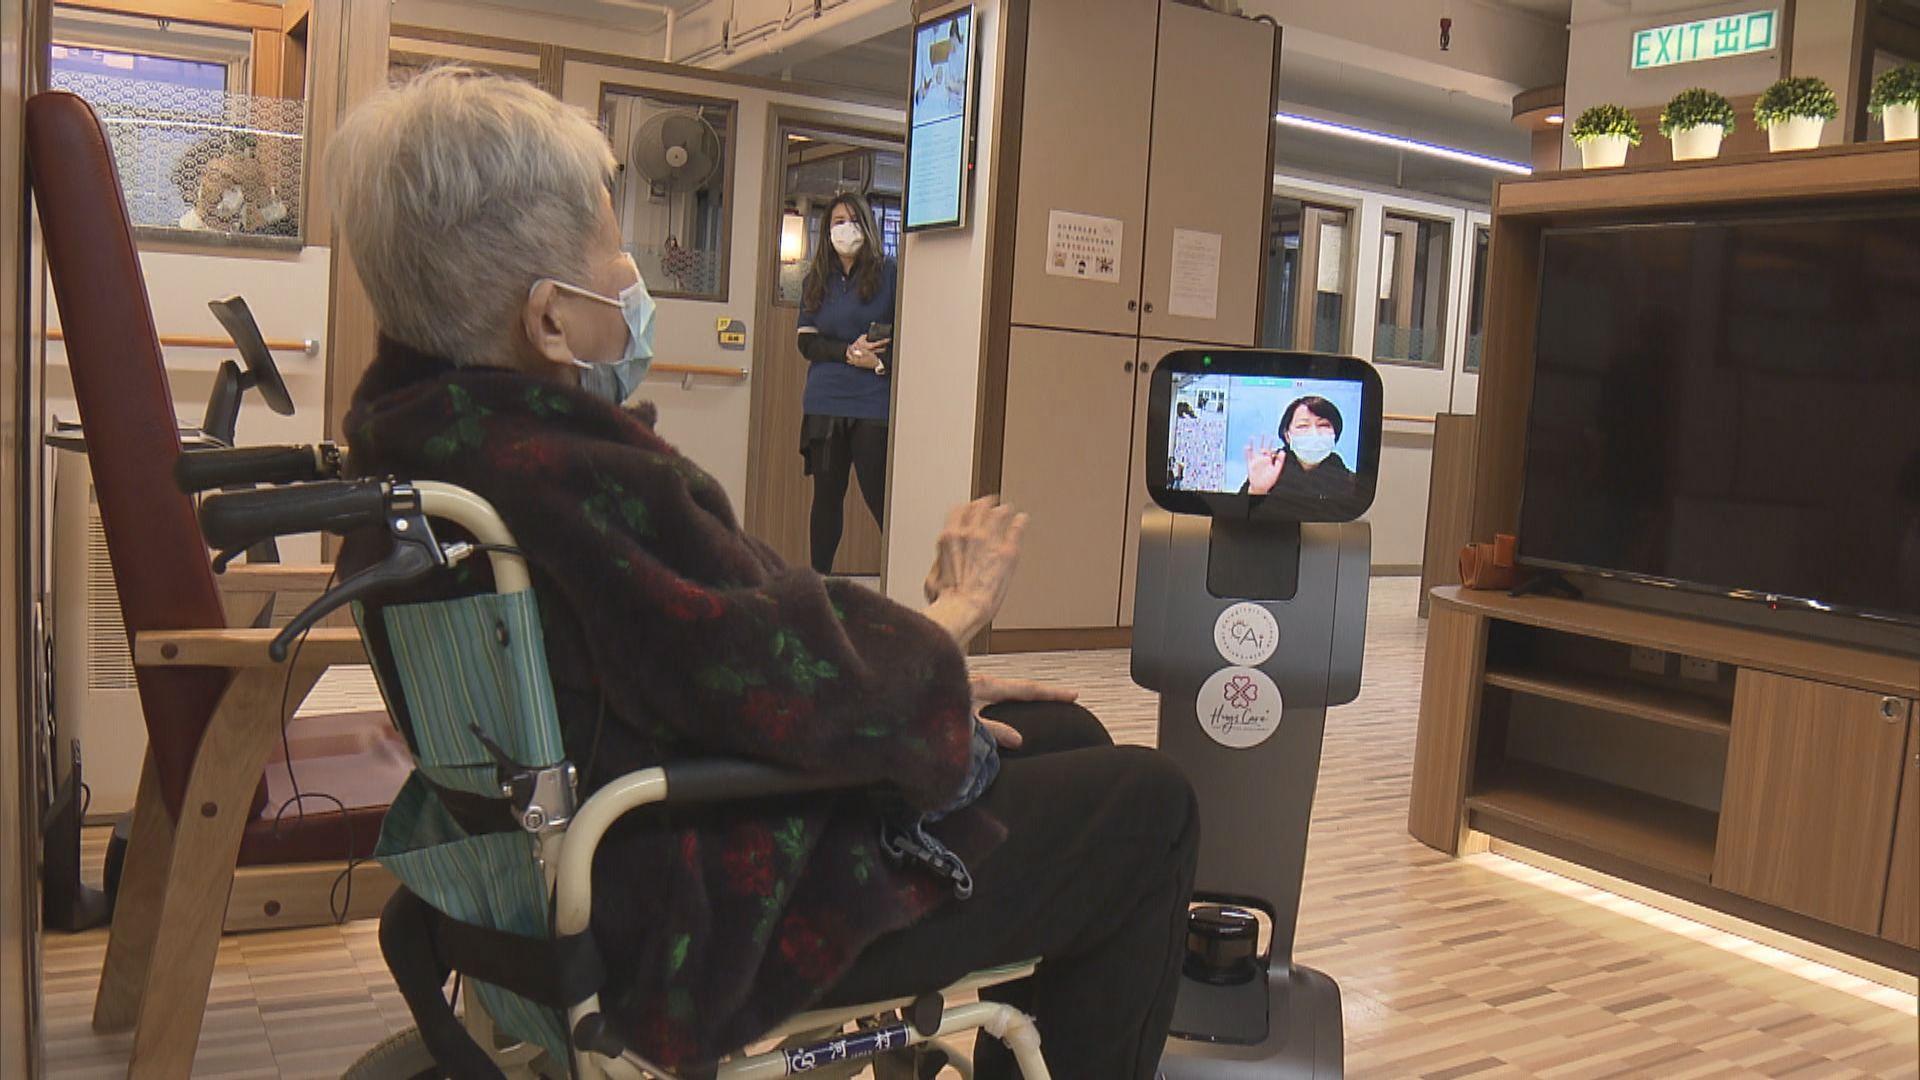 安老院舍疫情期間謝絕探訪 引入機械人視像會面親友